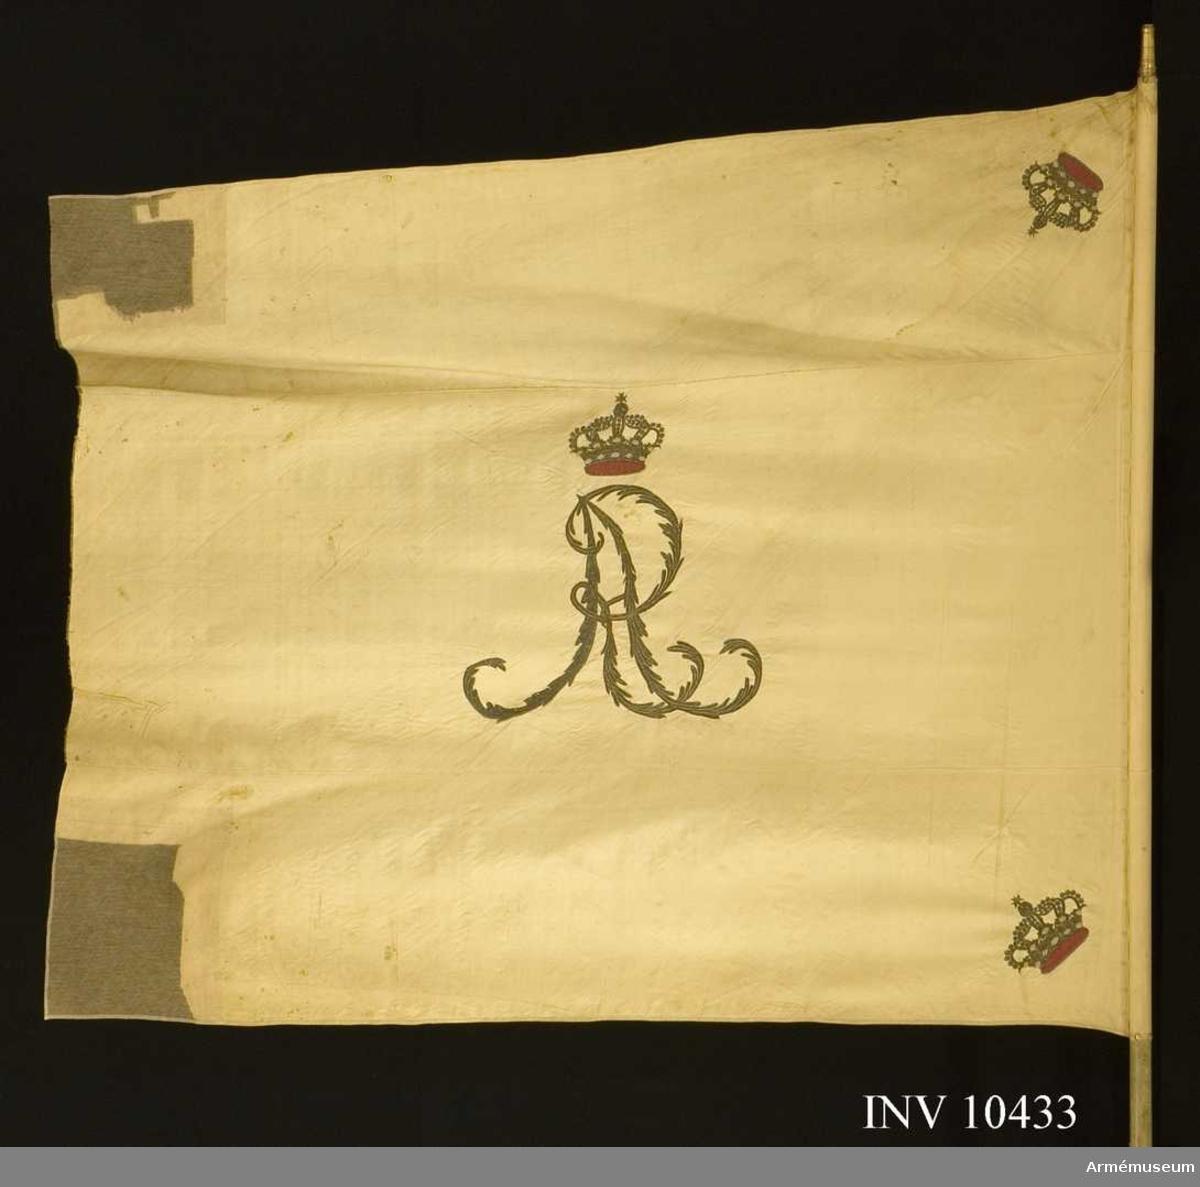 Grupp B.  Fanduk av vit sidenkypert, varå broderat i guld omvänt lika å båda sidor, i mitten Gustav IV Adolfs namnchiffer GA under sluten kunglig krona, med ytter- och innerfoder i rött silke samt stenar i olikfärgat silke, allt 52 cm högt. I hörnen slutna kungliga kronor liknande namnchiffrets, kantad med vitt sidenband, fäst med vitt sidenband och förgyllda spikar. Stång 276 cm, avsågad. Holk 8 cm.